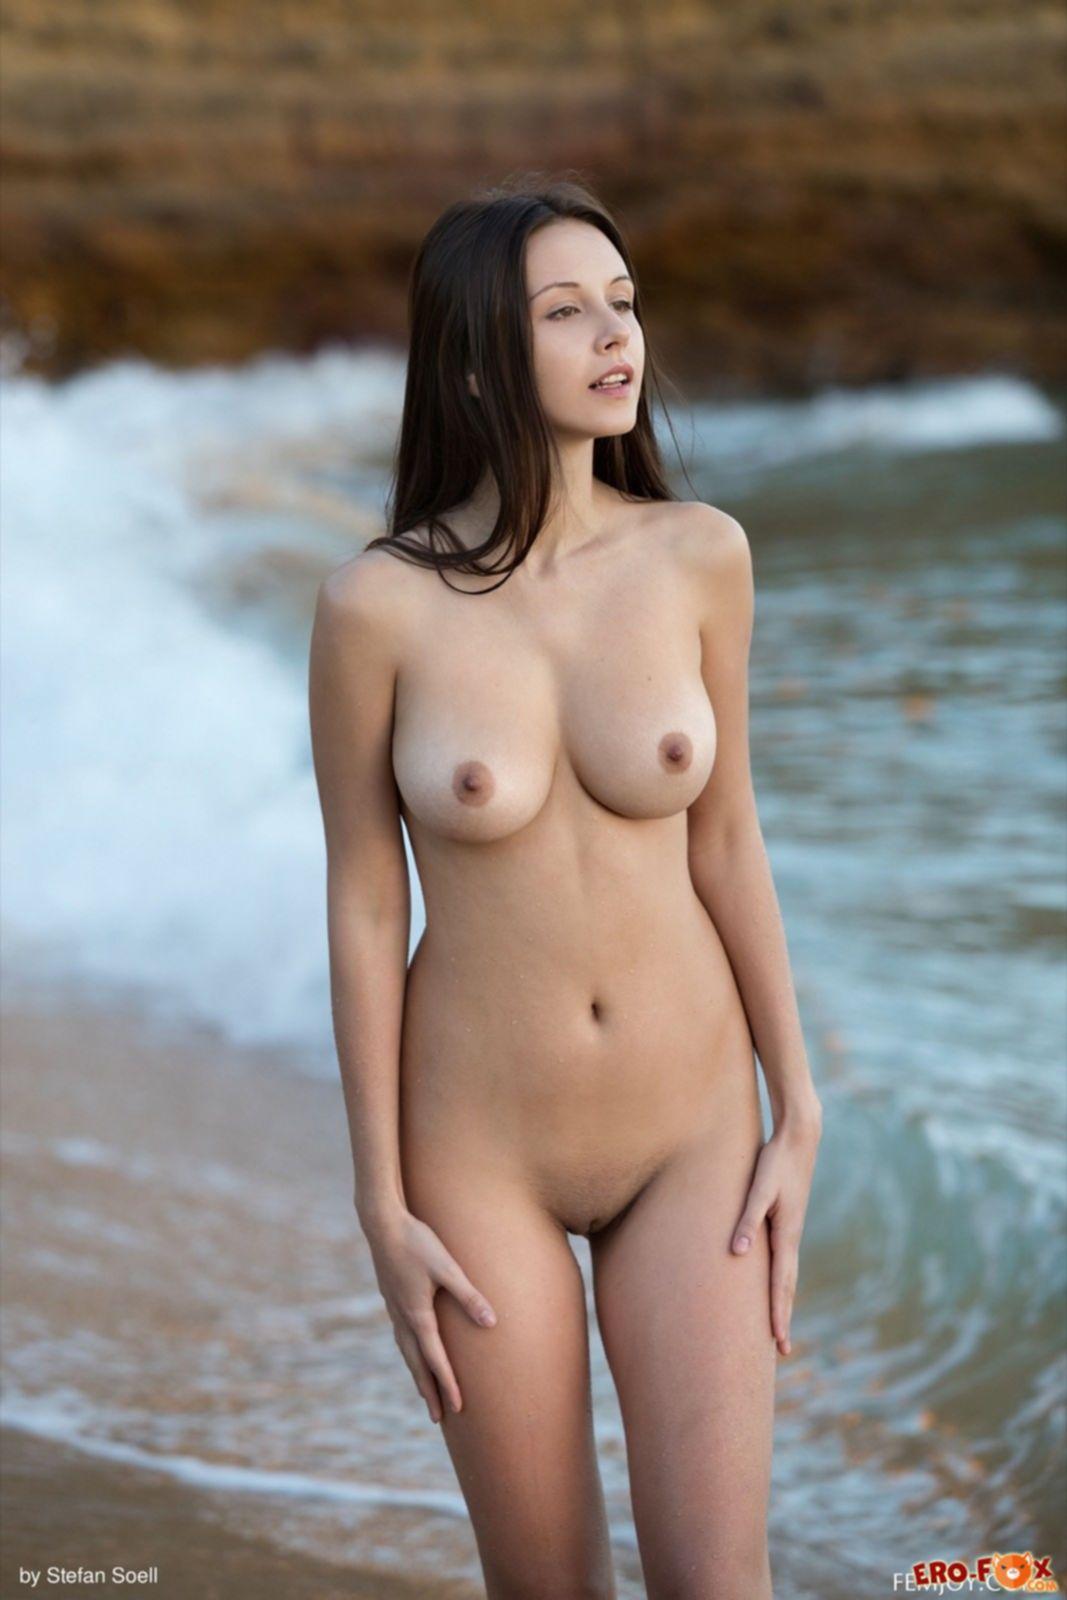 Высокая девушка с большой грудью купается в море - фото